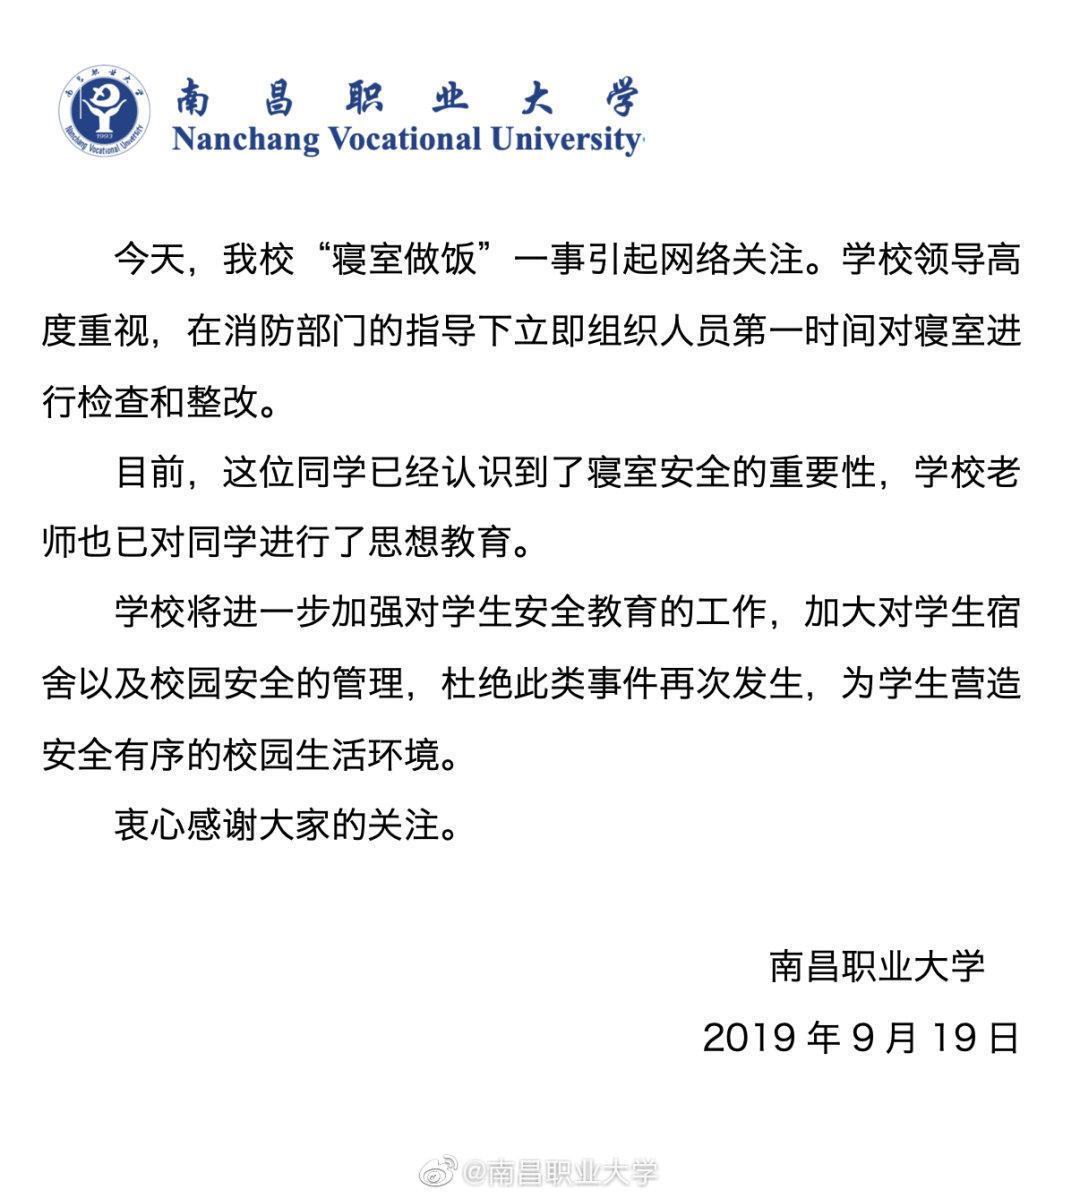 北昌职业年夜教公布声明称,已对做饭须眉停止思惟教诲。